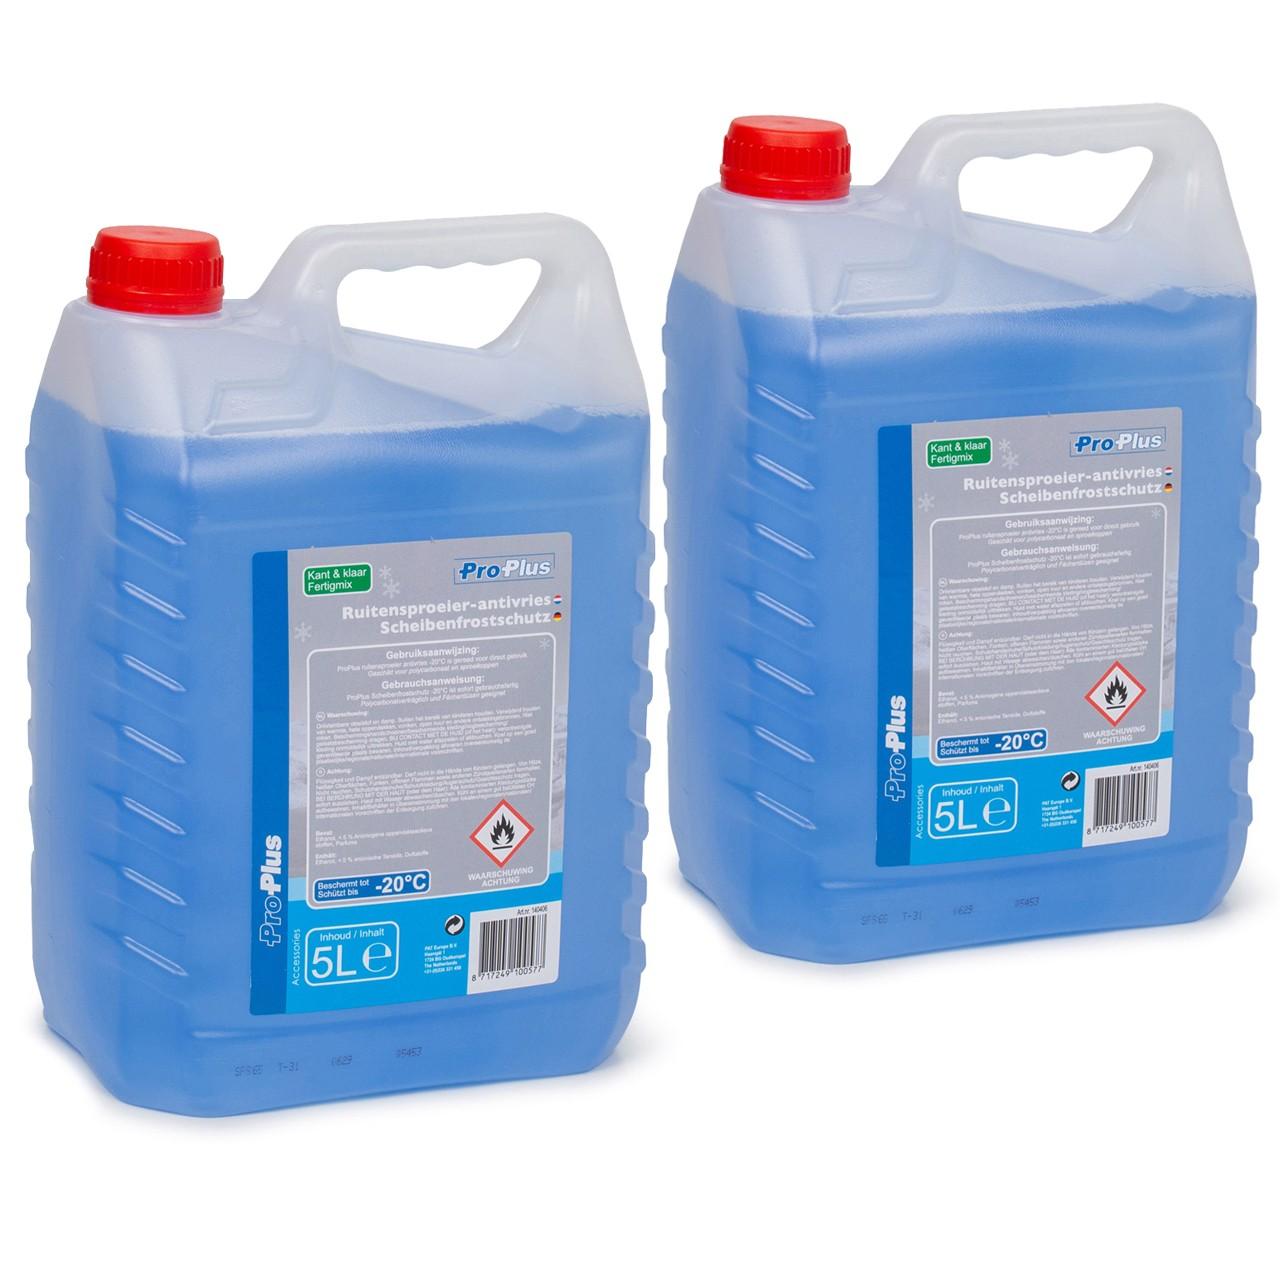 PROPLUS 140406 Frostschutz Scheibenfrostschutz Fertigmix -20°C 2x 5 Liter